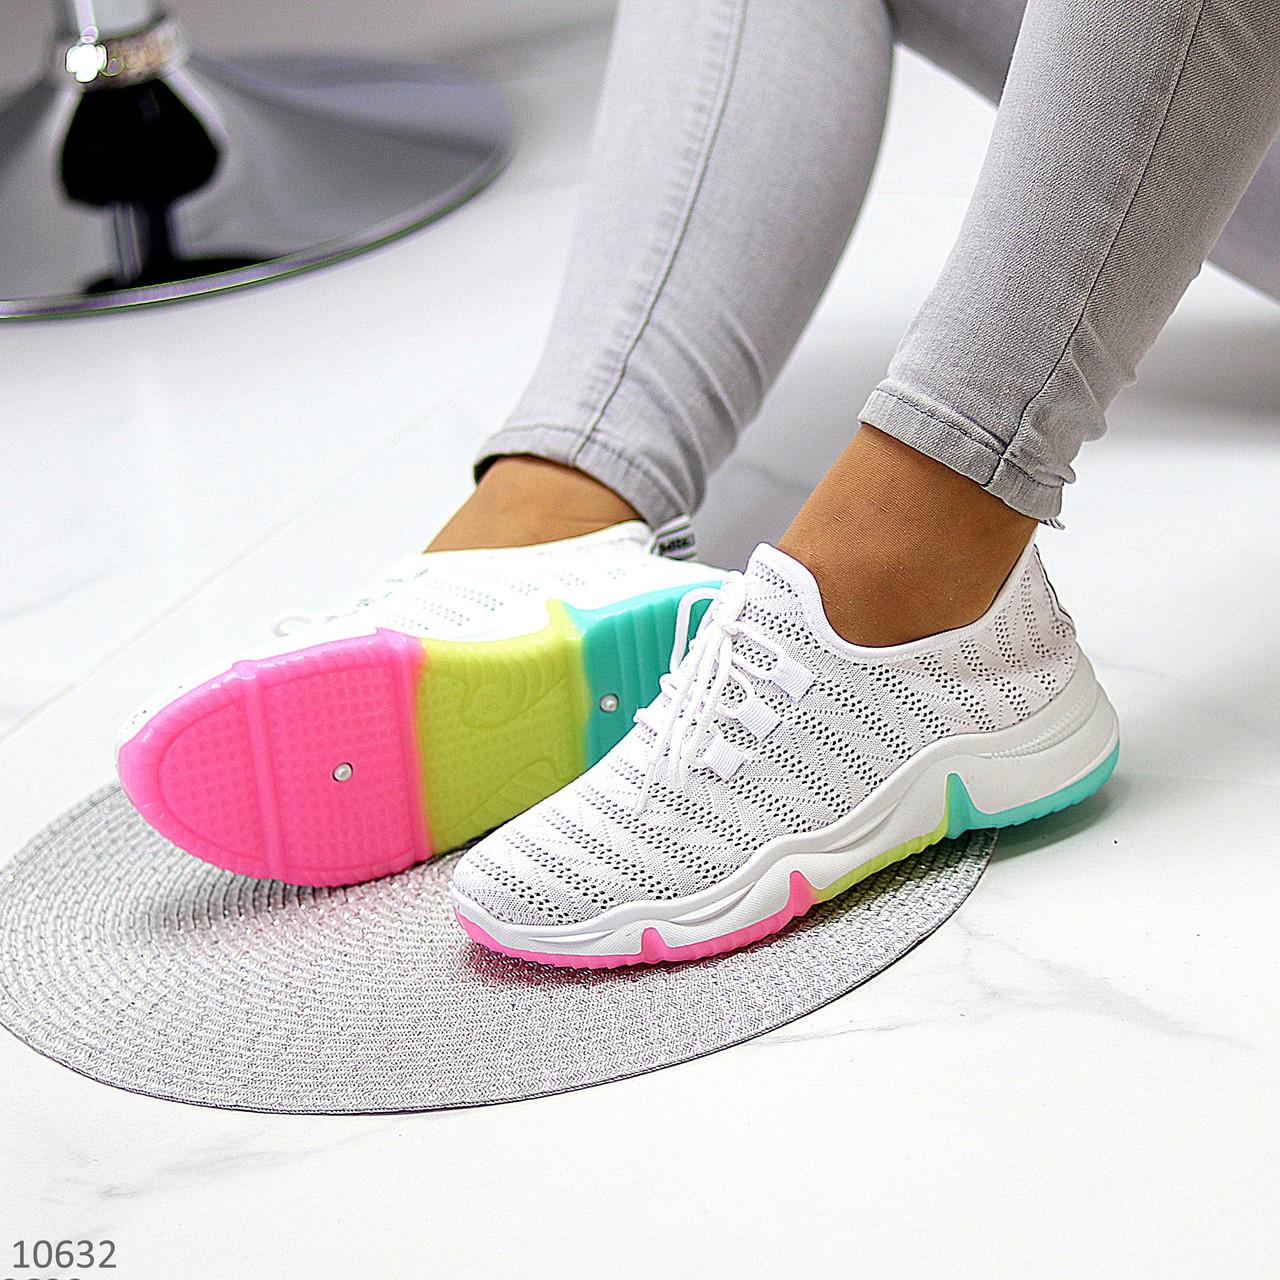 Белые тканевые текстильные женские кроссовки на подошве мультиколор